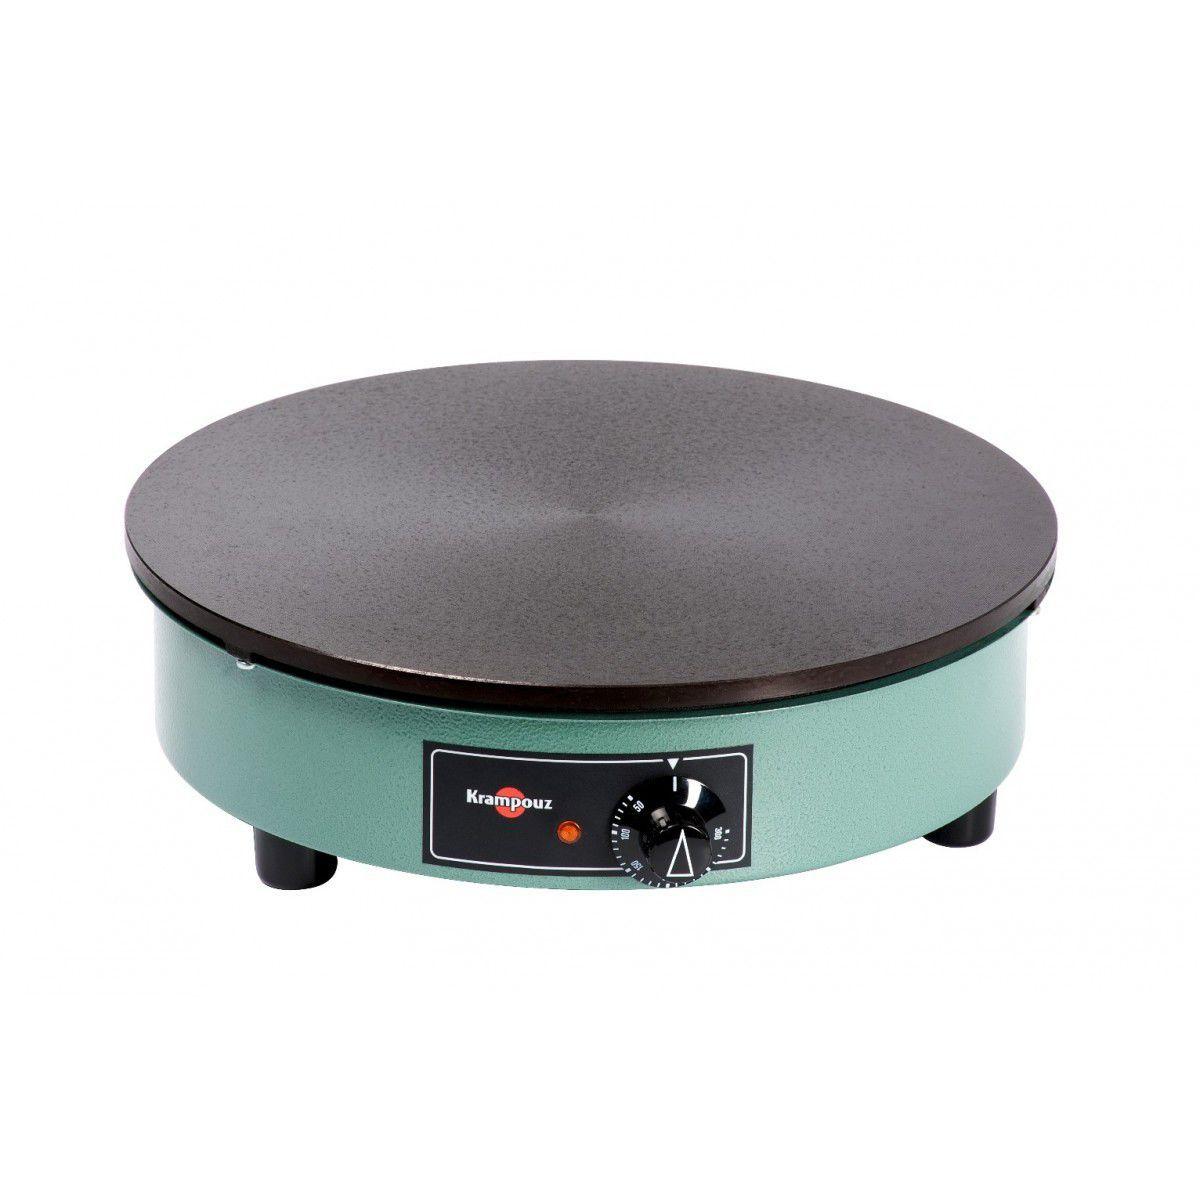 Electric Crepe Maker Commercial Billig Cebpa4ao Krampouz